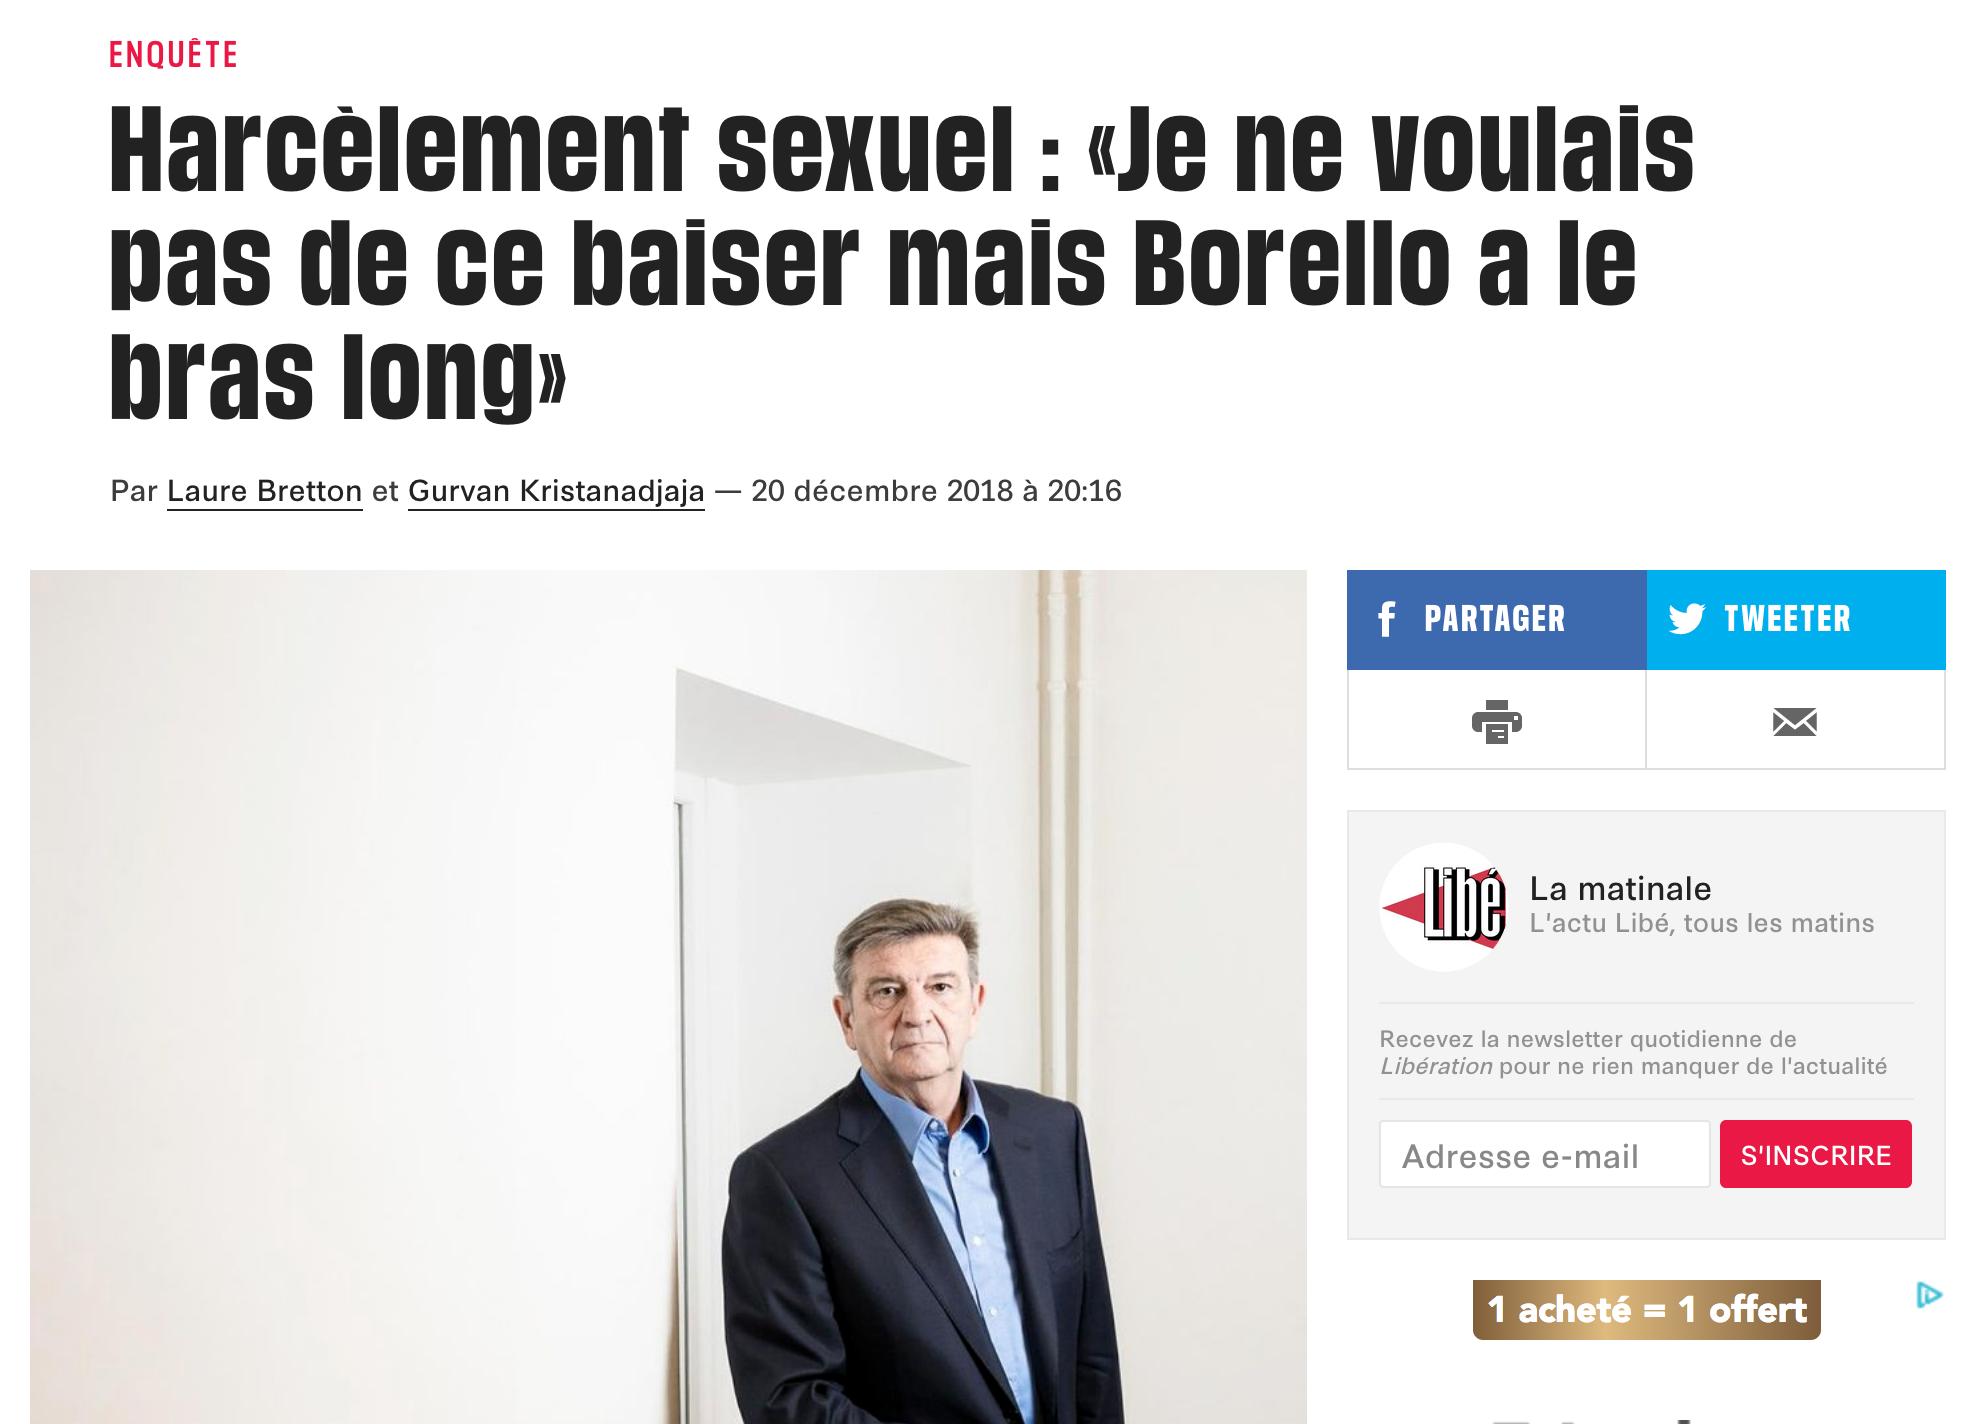 L'homme le plus puissant de la Macronie est un homosexuel militant accusé de harcèlement sexuel